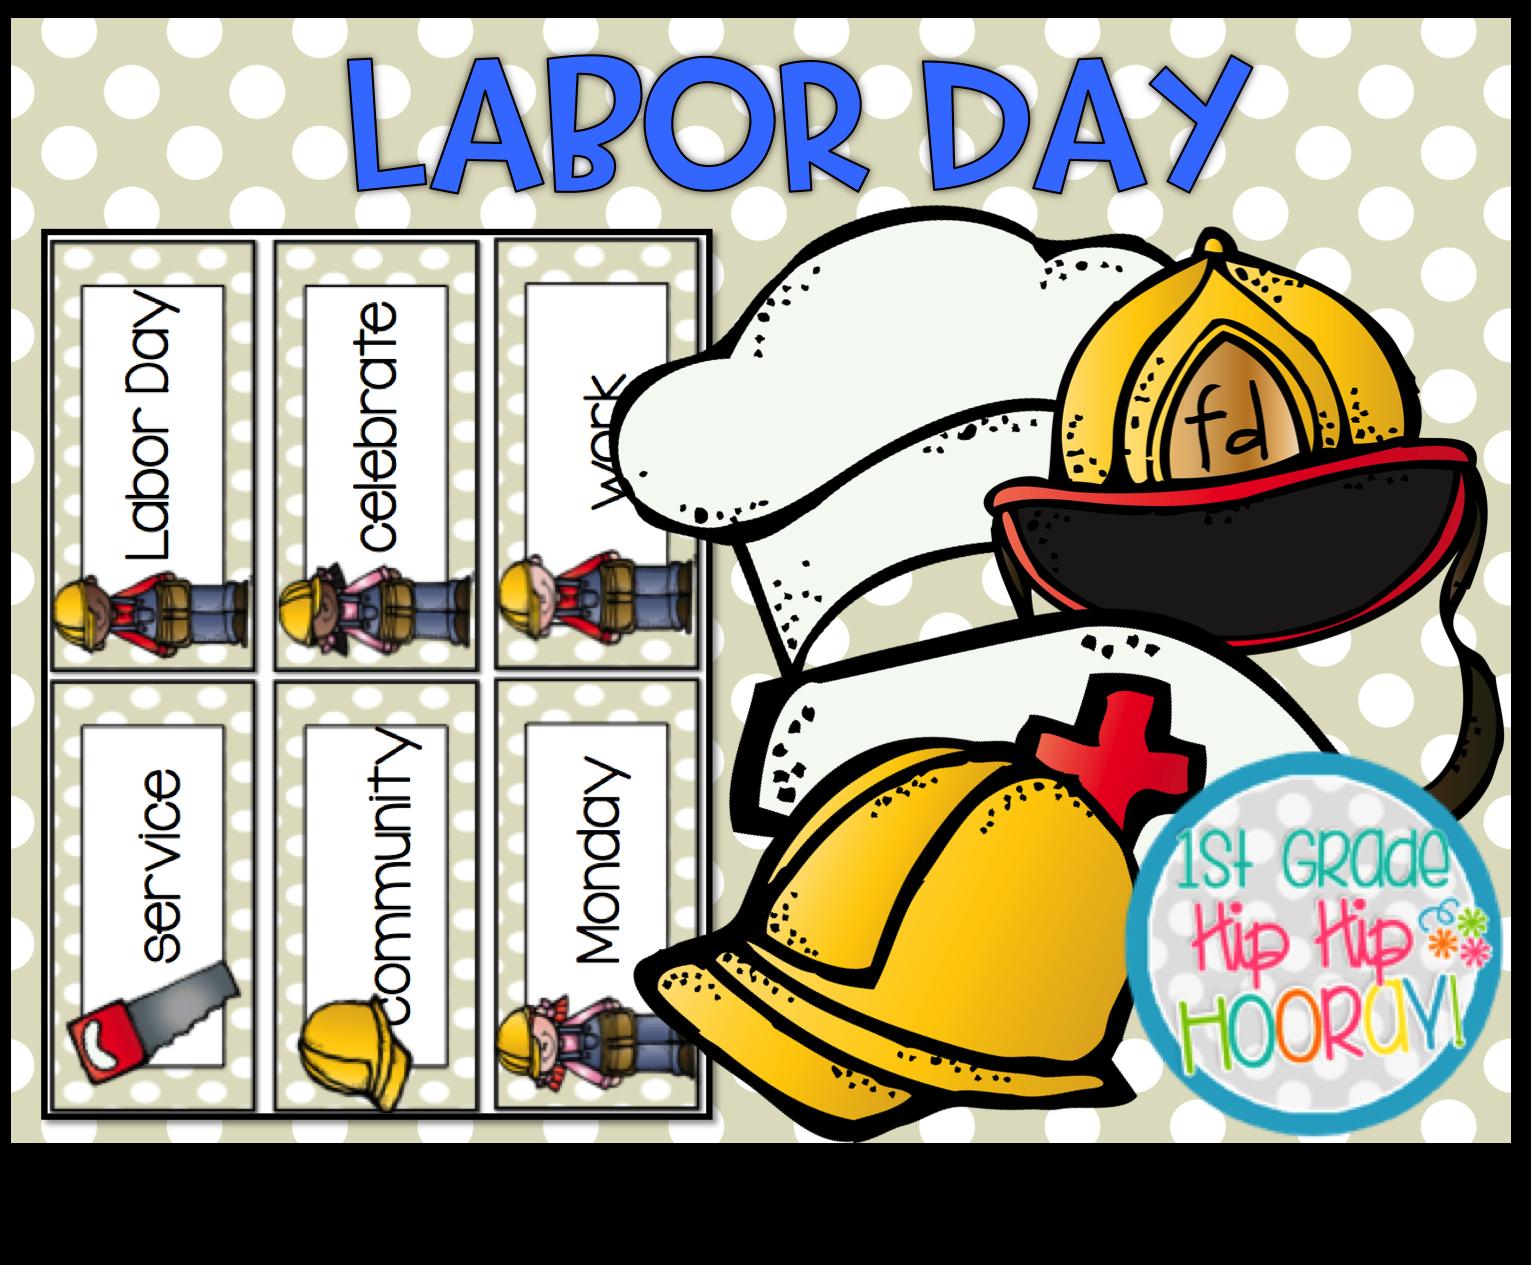 medium resolution of 1st Grade Hip Hip Hooray!: Labor Day!